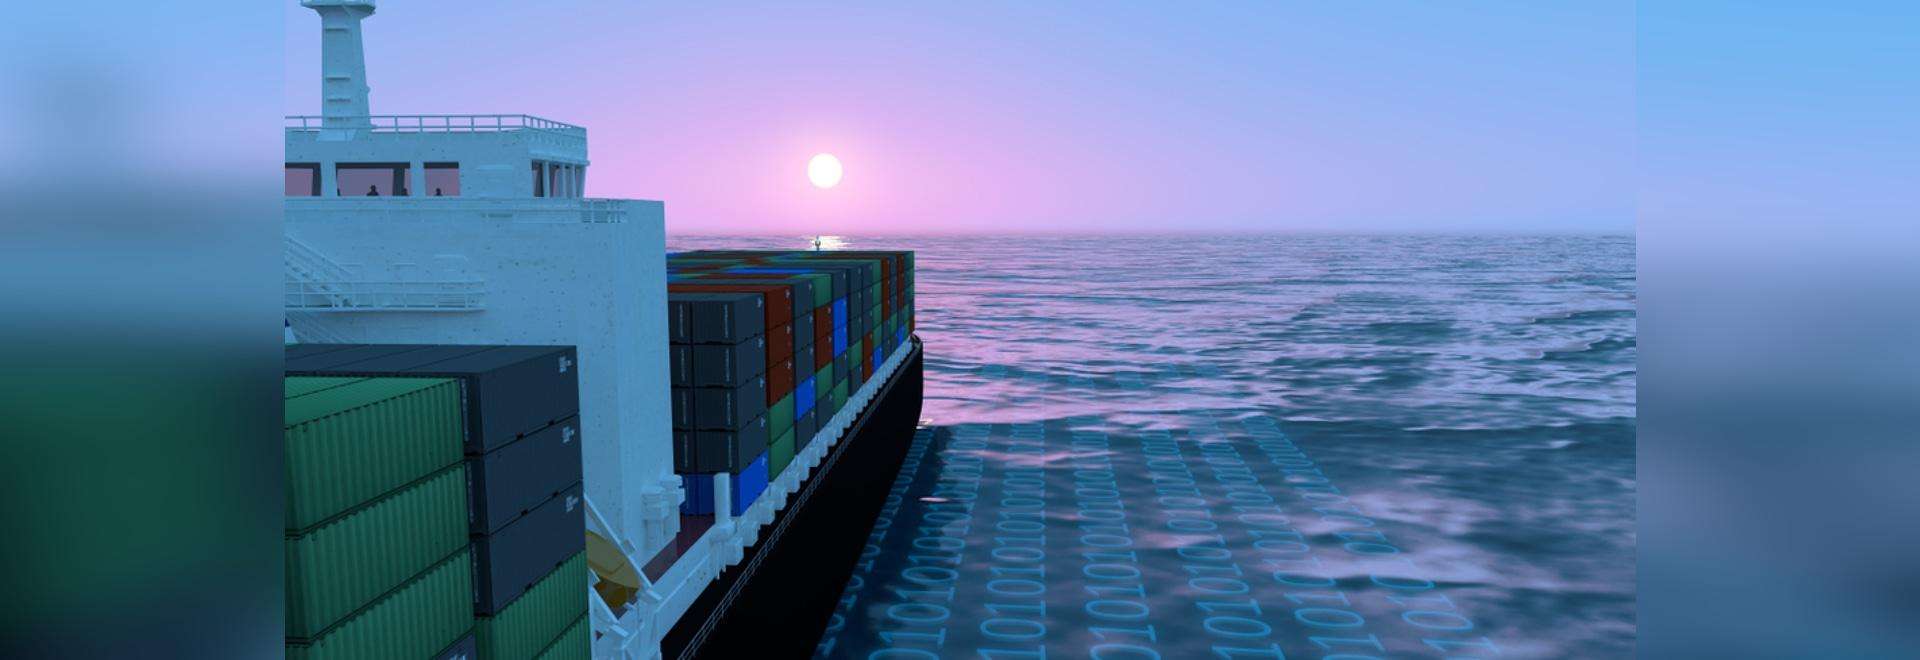 ClassNK: New Guidance for Autonomous Ships